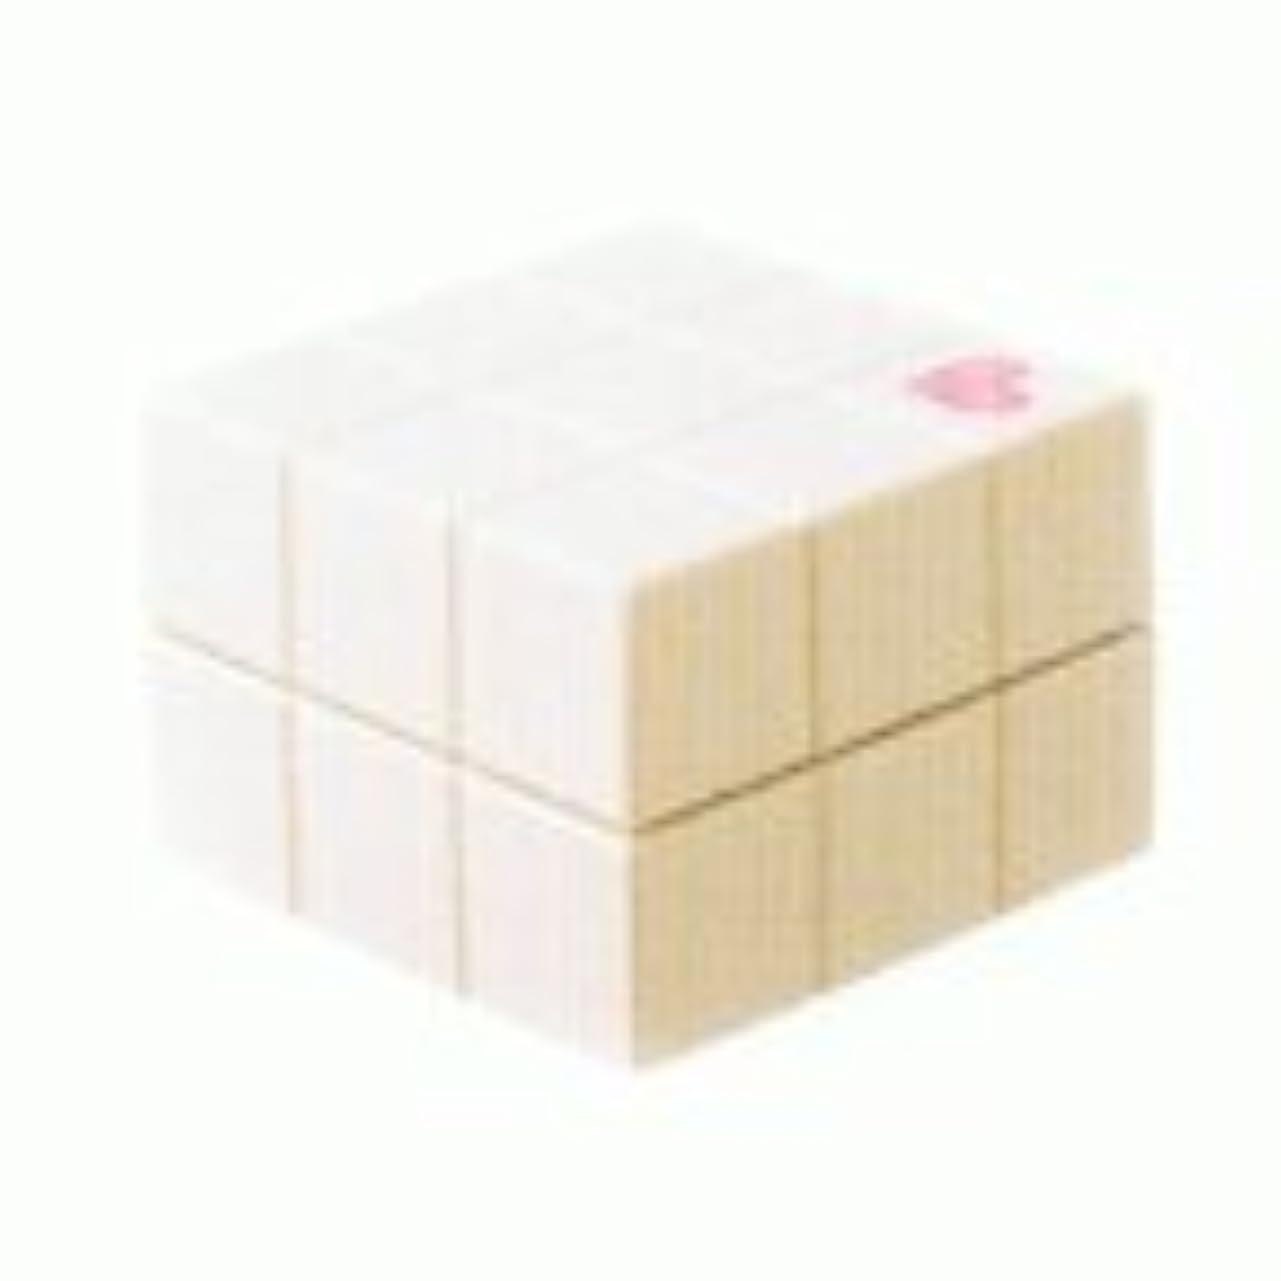 花疑問に思う形状アリミノ ピース ニュアンスワックス 40g(バニラ)